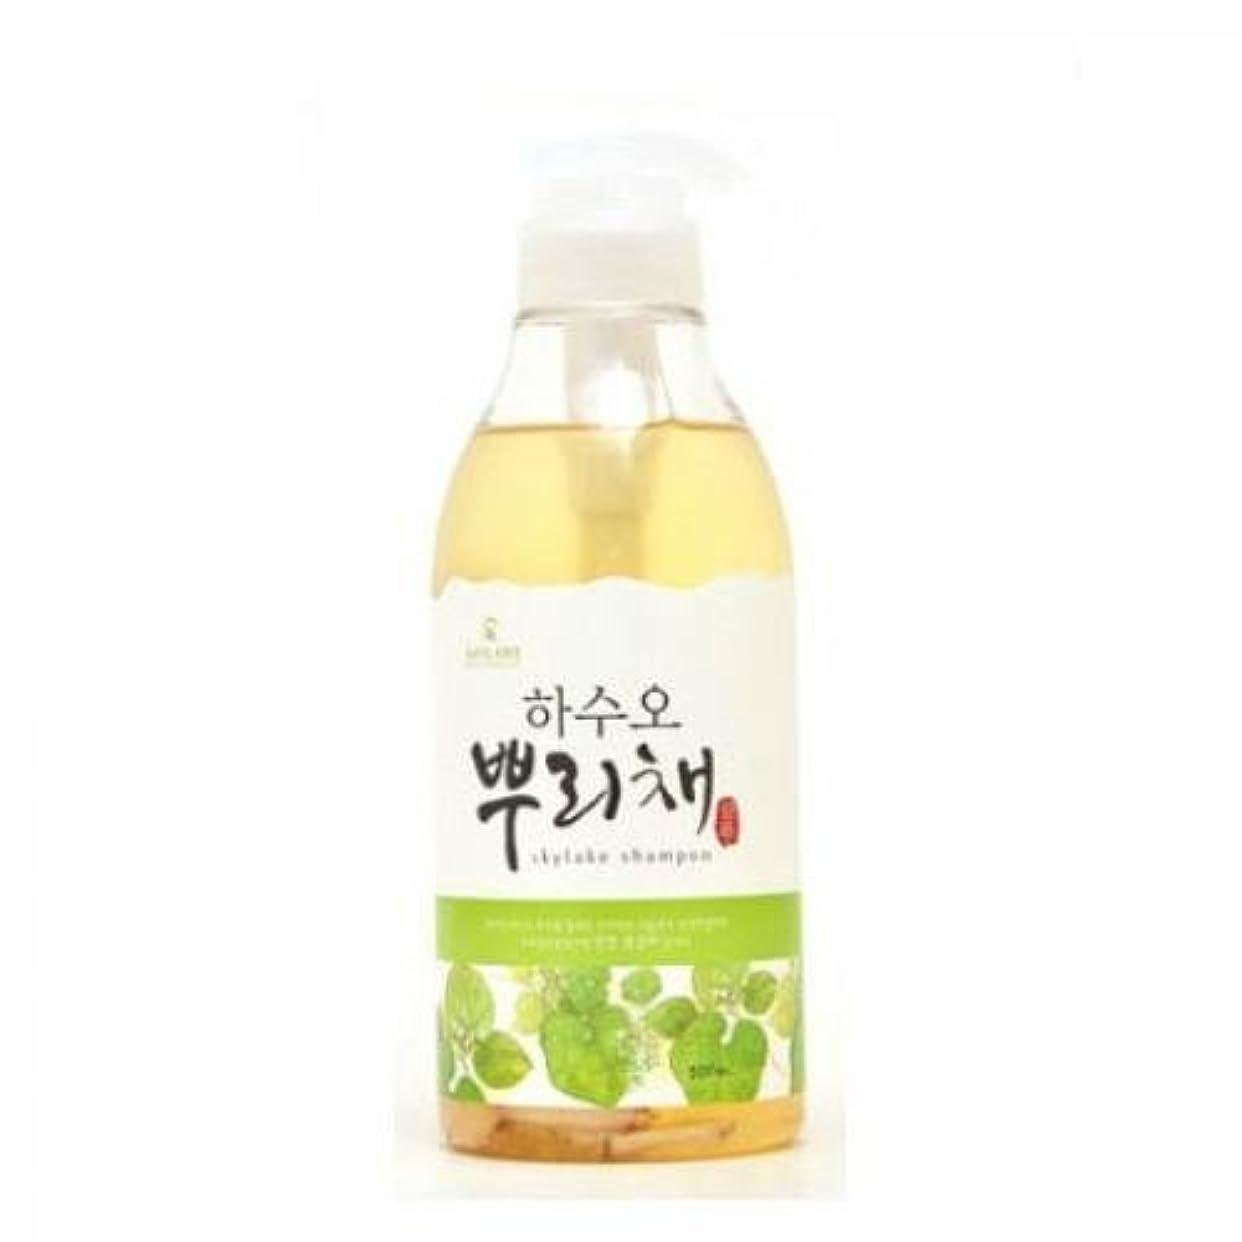 貸し手ずるいメロディーSkylake Oriental Herb Cool Shampoo (Korean original)